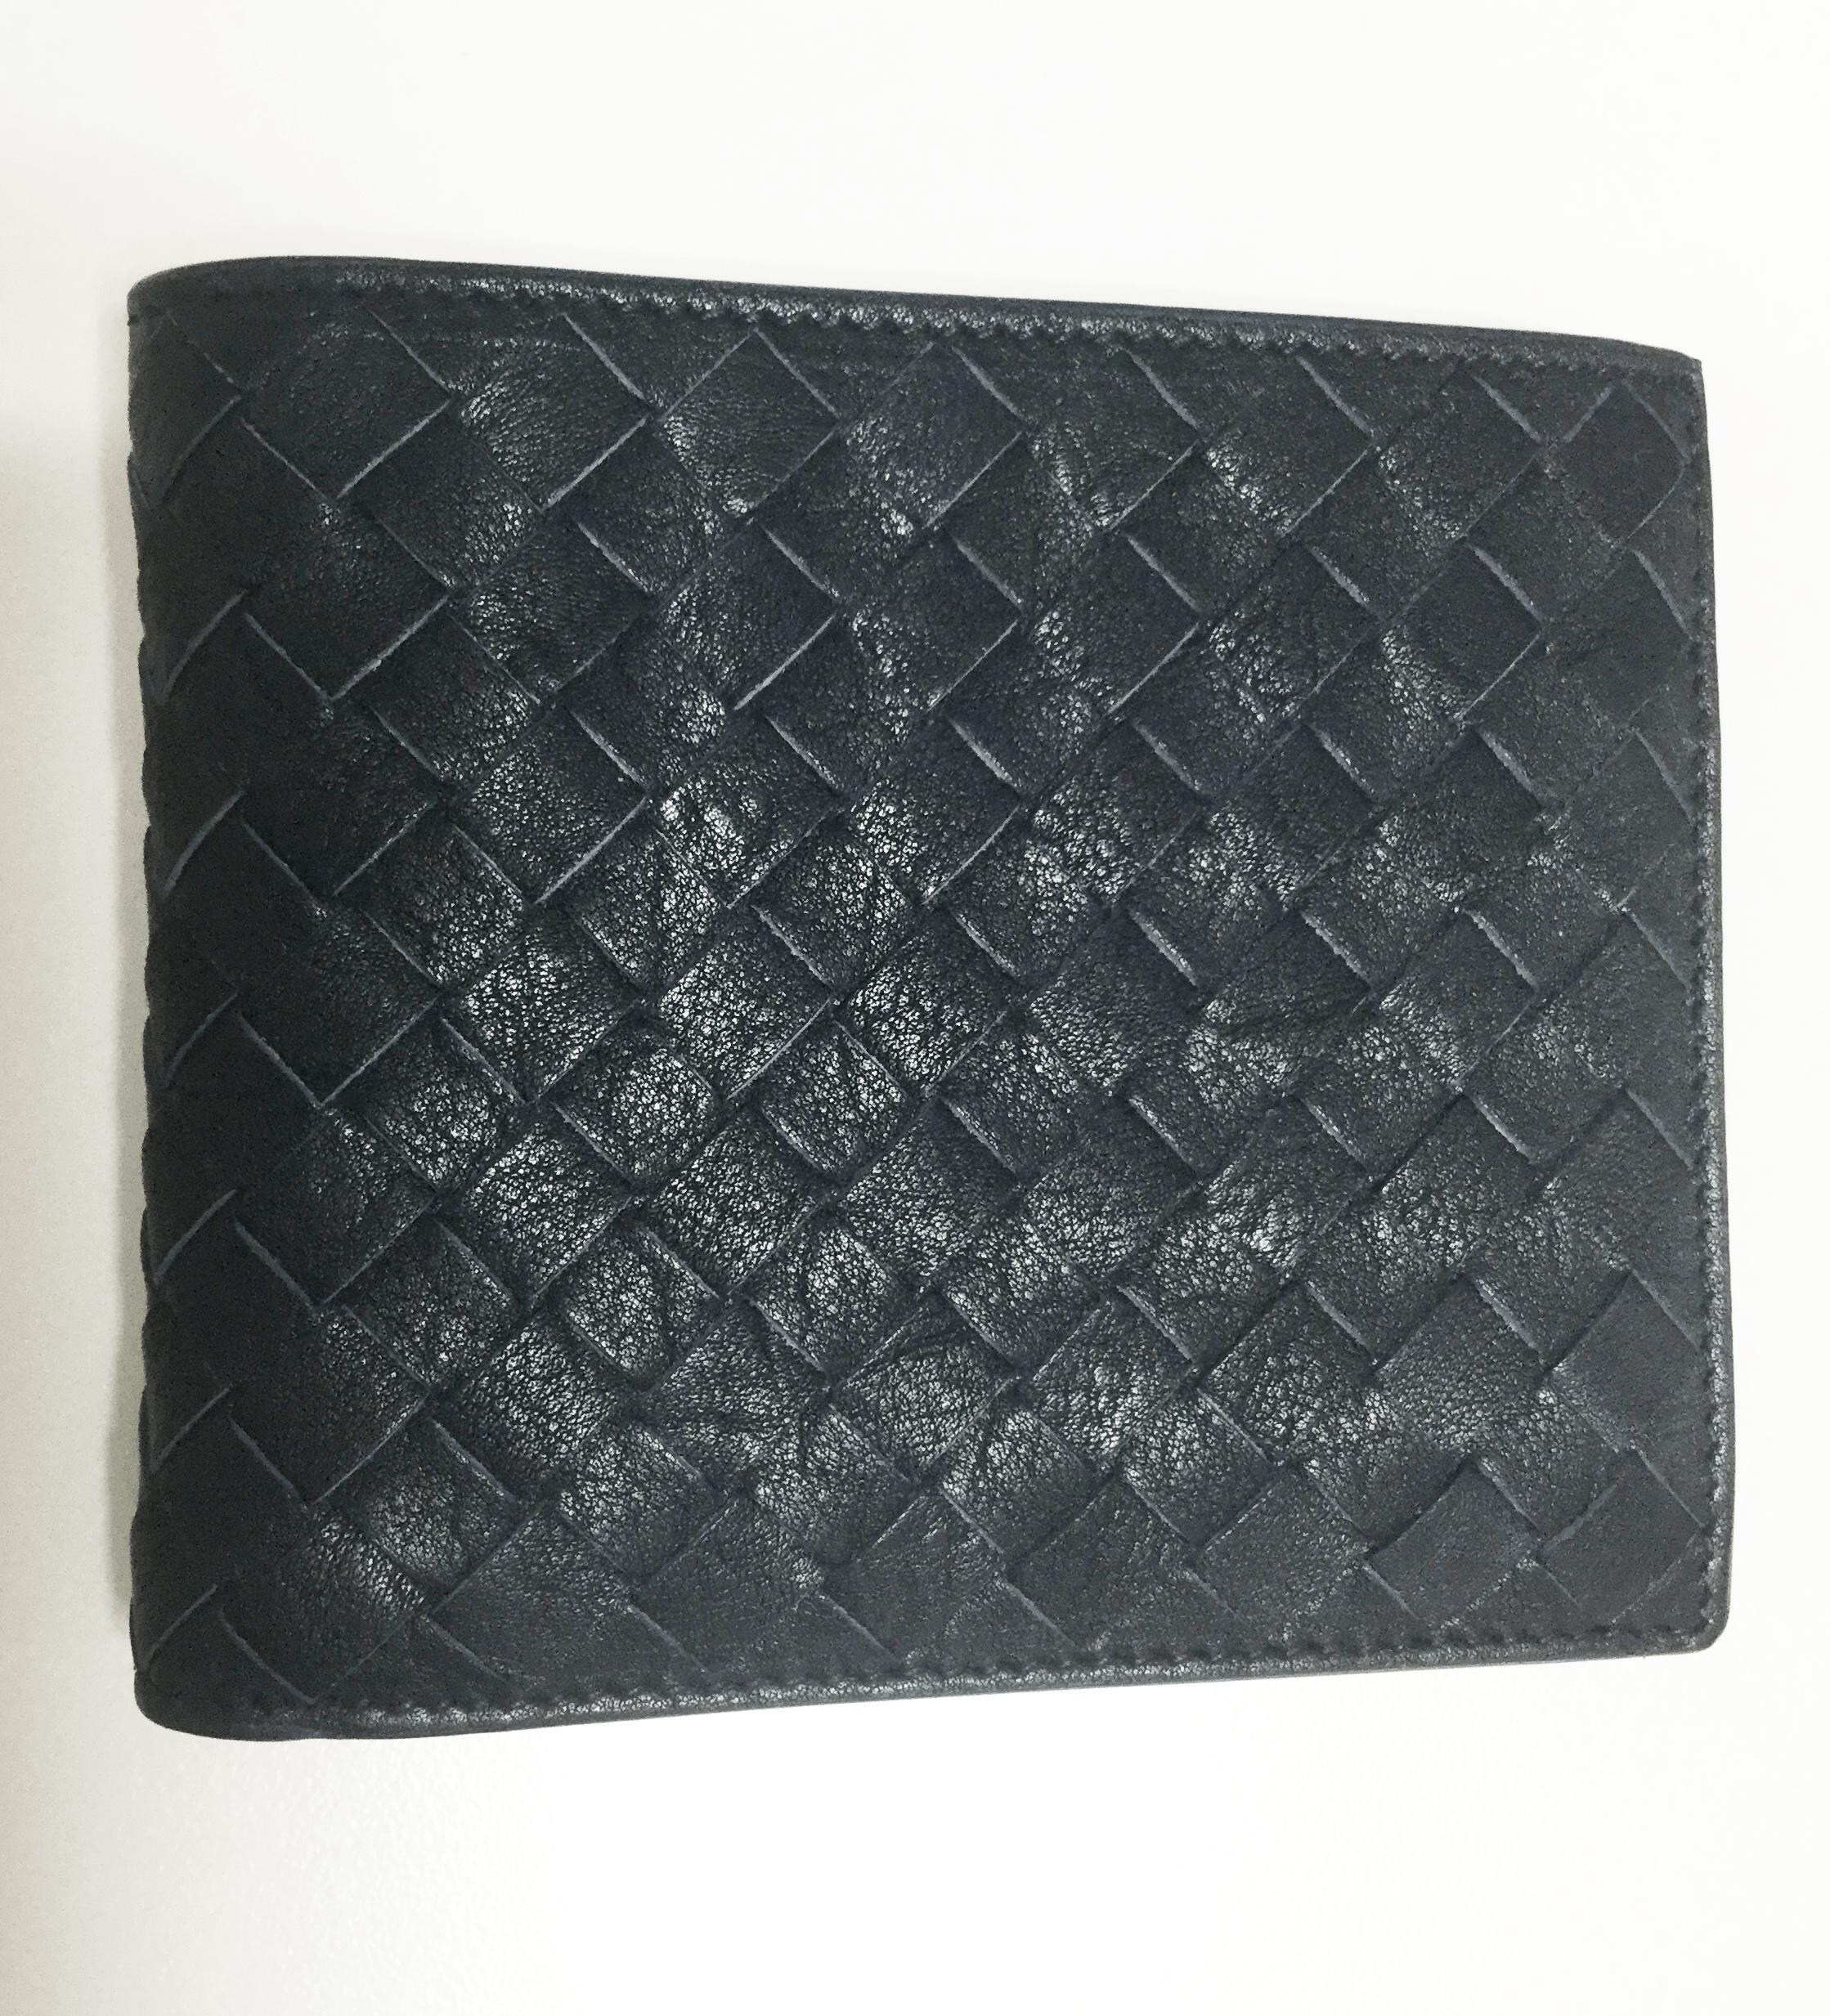 ボッテガ・ヴェネタ コインケース付き二つ折り財布 イントレチャート バイカラー